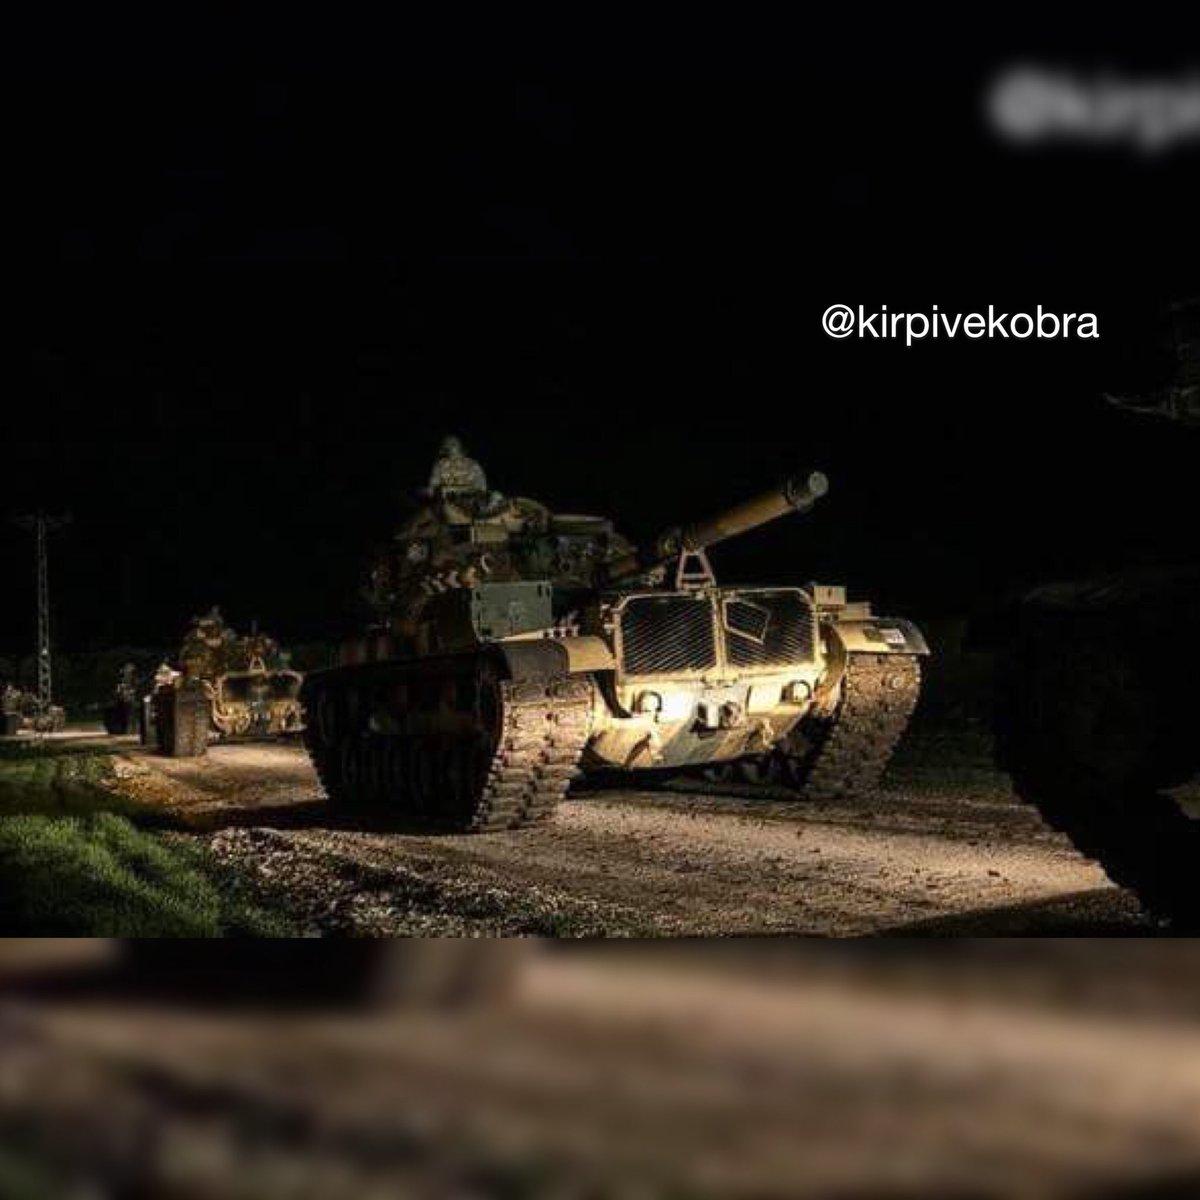 Σε άθλια κατάσταση οι τουρκικές δυνάμεις: Κόλλησαν στις λάσπες στο Αφρίν – Ακάρ και Ρ.Τ.Ερντογάν στο Κέντρο Επιχειρήσεων: Στέλνουν την αφρόκρεμα των ειδικών δυνάμεων - Εικόνα12